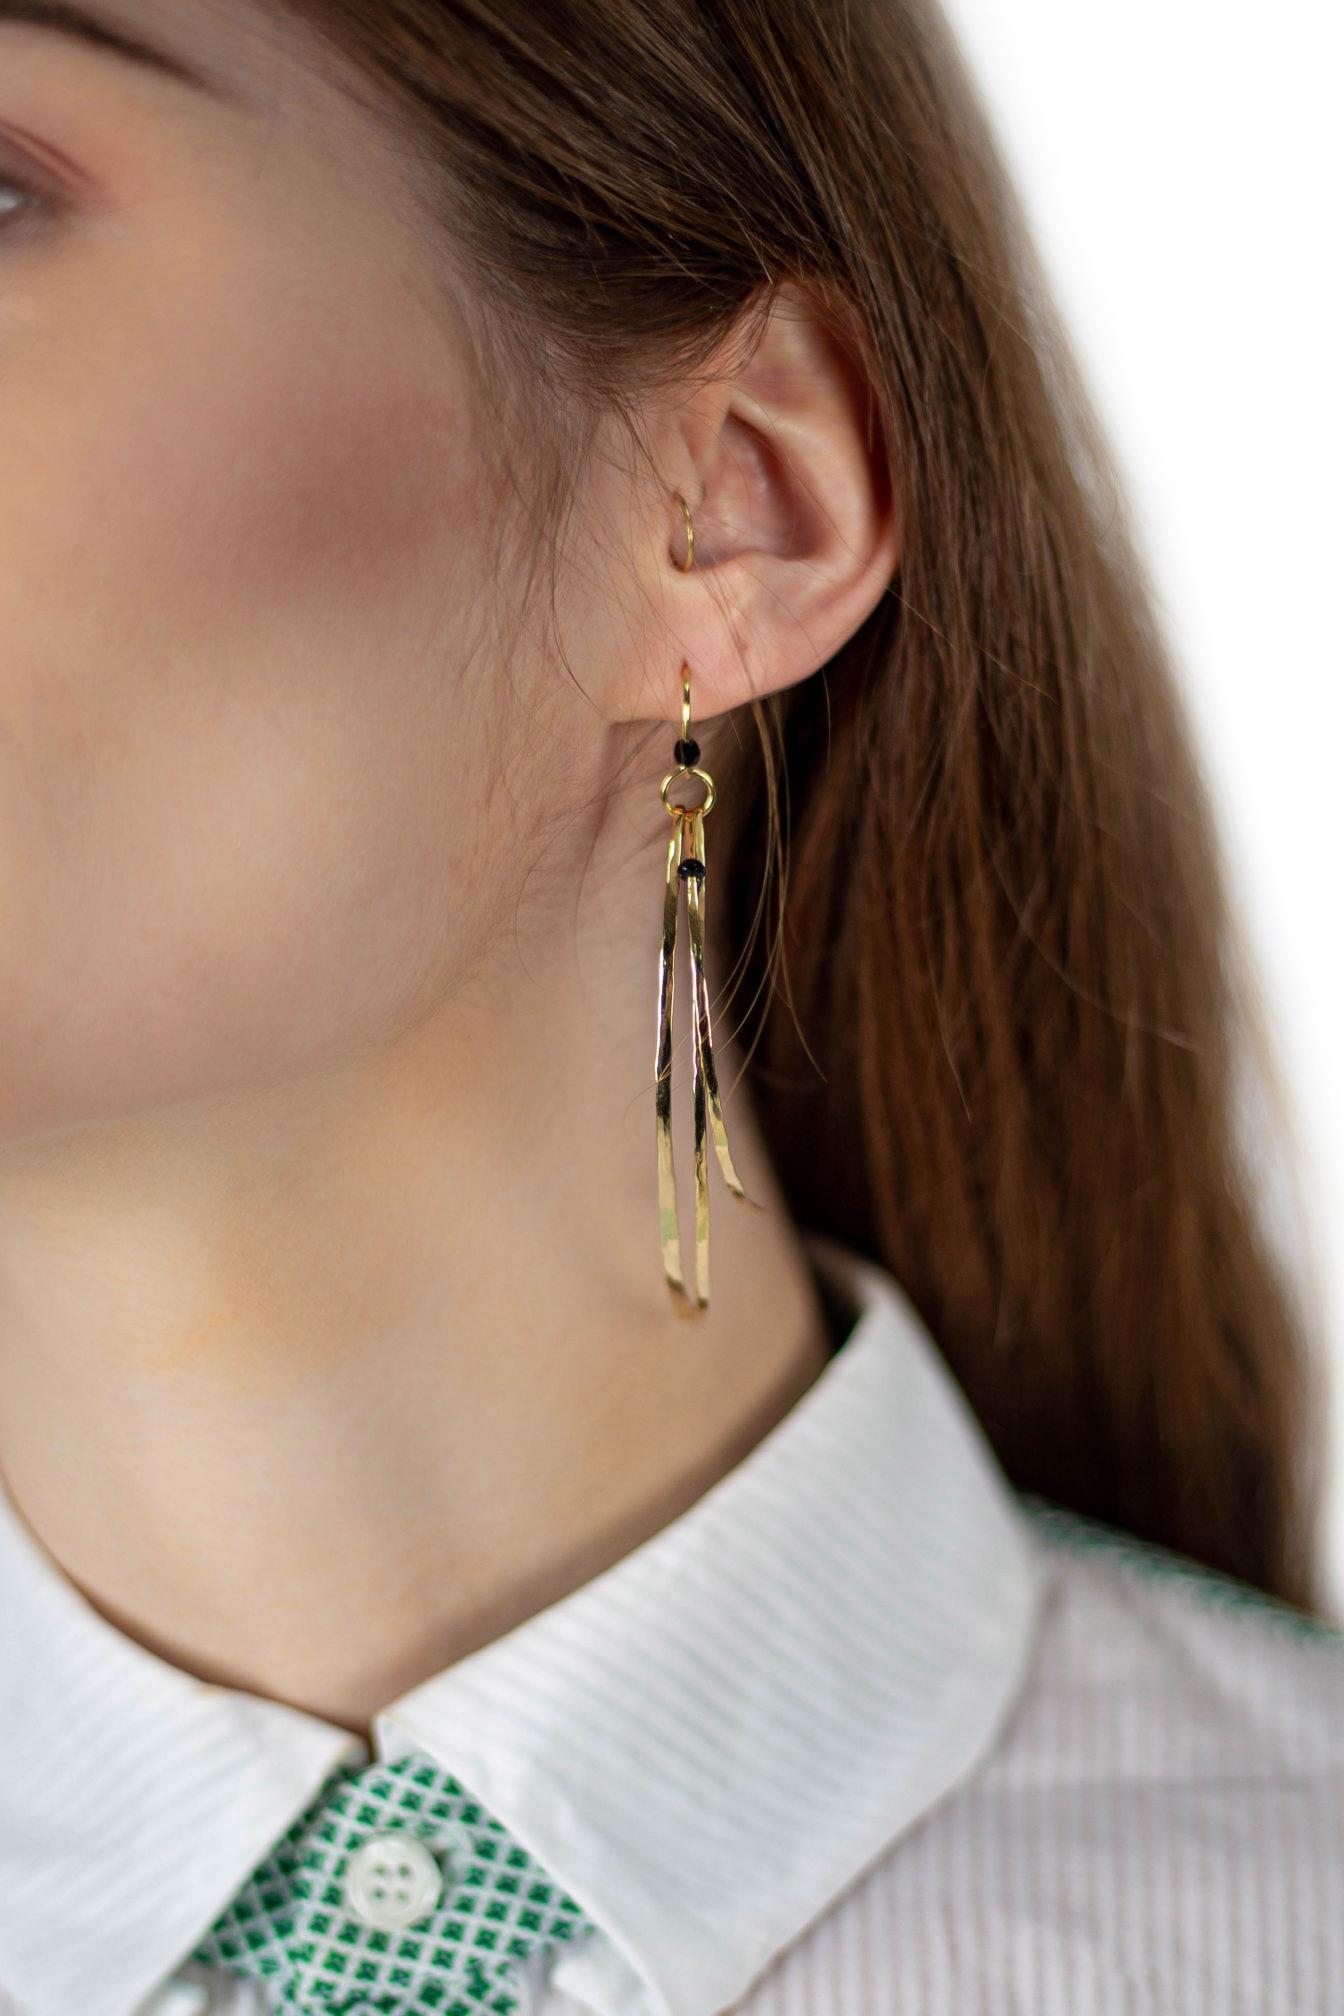 Boucles d'oreilles asymétriques Perroquet se distinguent par leur élégance et leur aspect bohème de Laëtitia Piffeteau